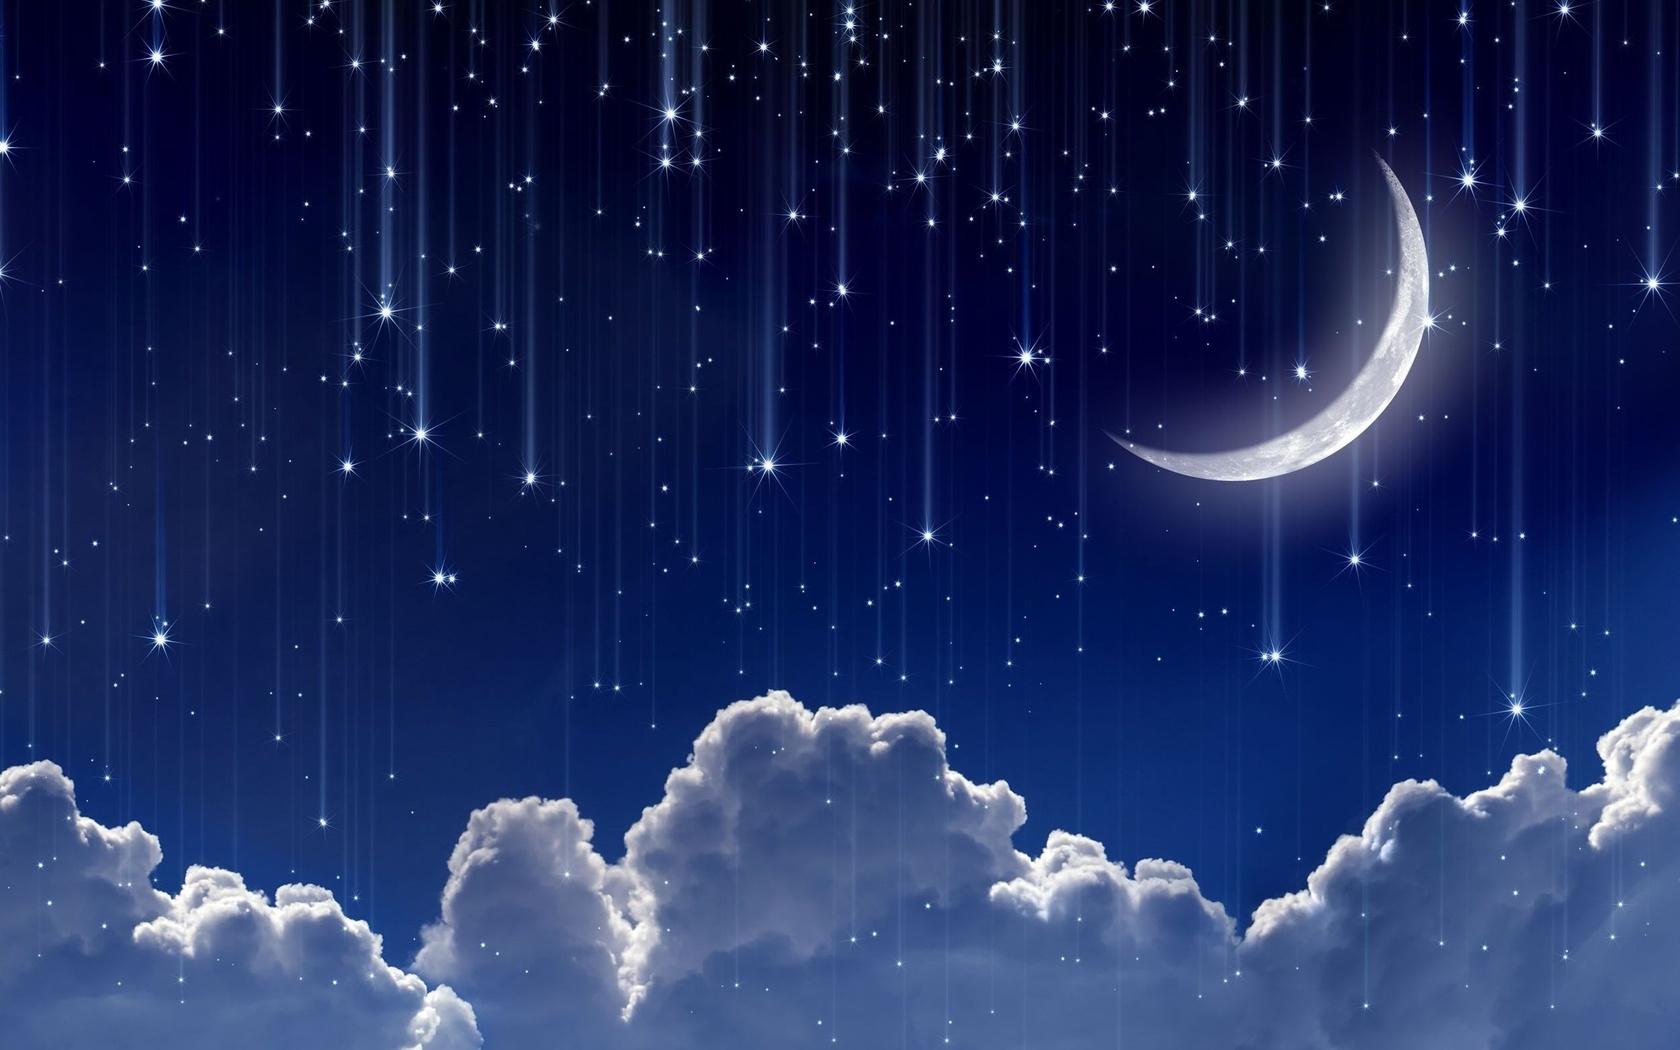 Картинки звездопада или луны